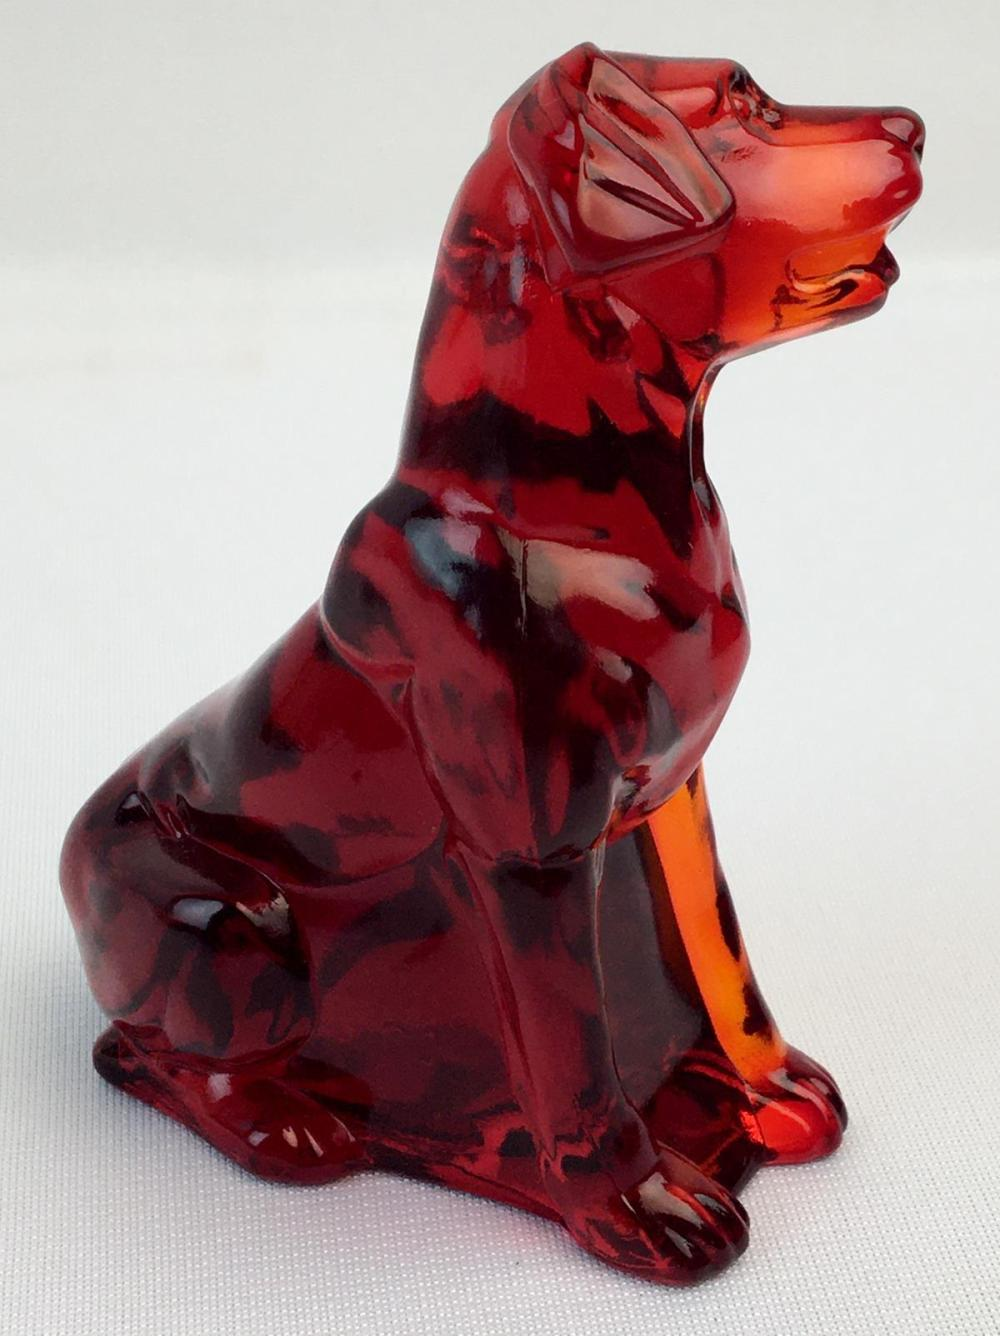 Mosser Glass Ruby Red Labrador Retriever Dog Figurine / Paperweight